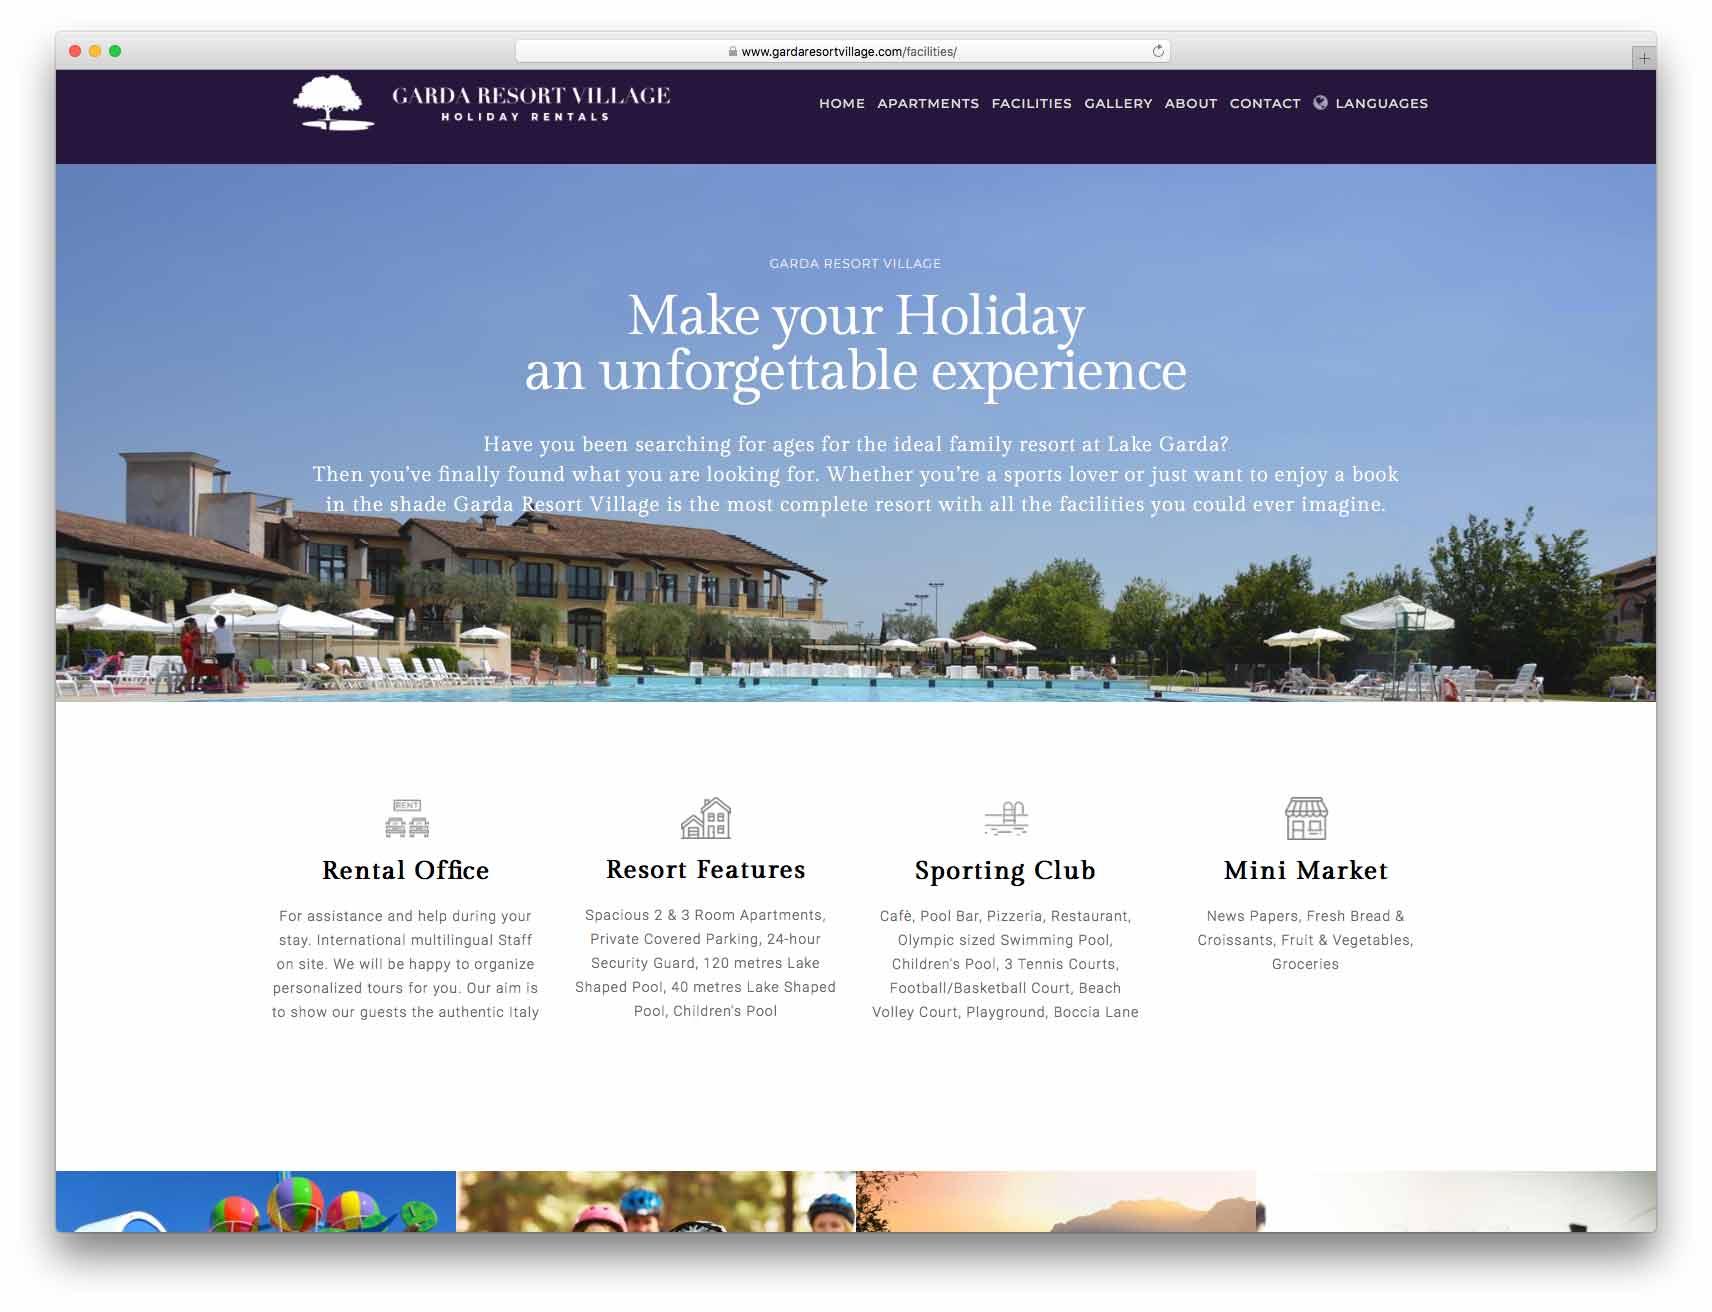 creazione siti web brescia - Agenzia P - sito web garda resort village